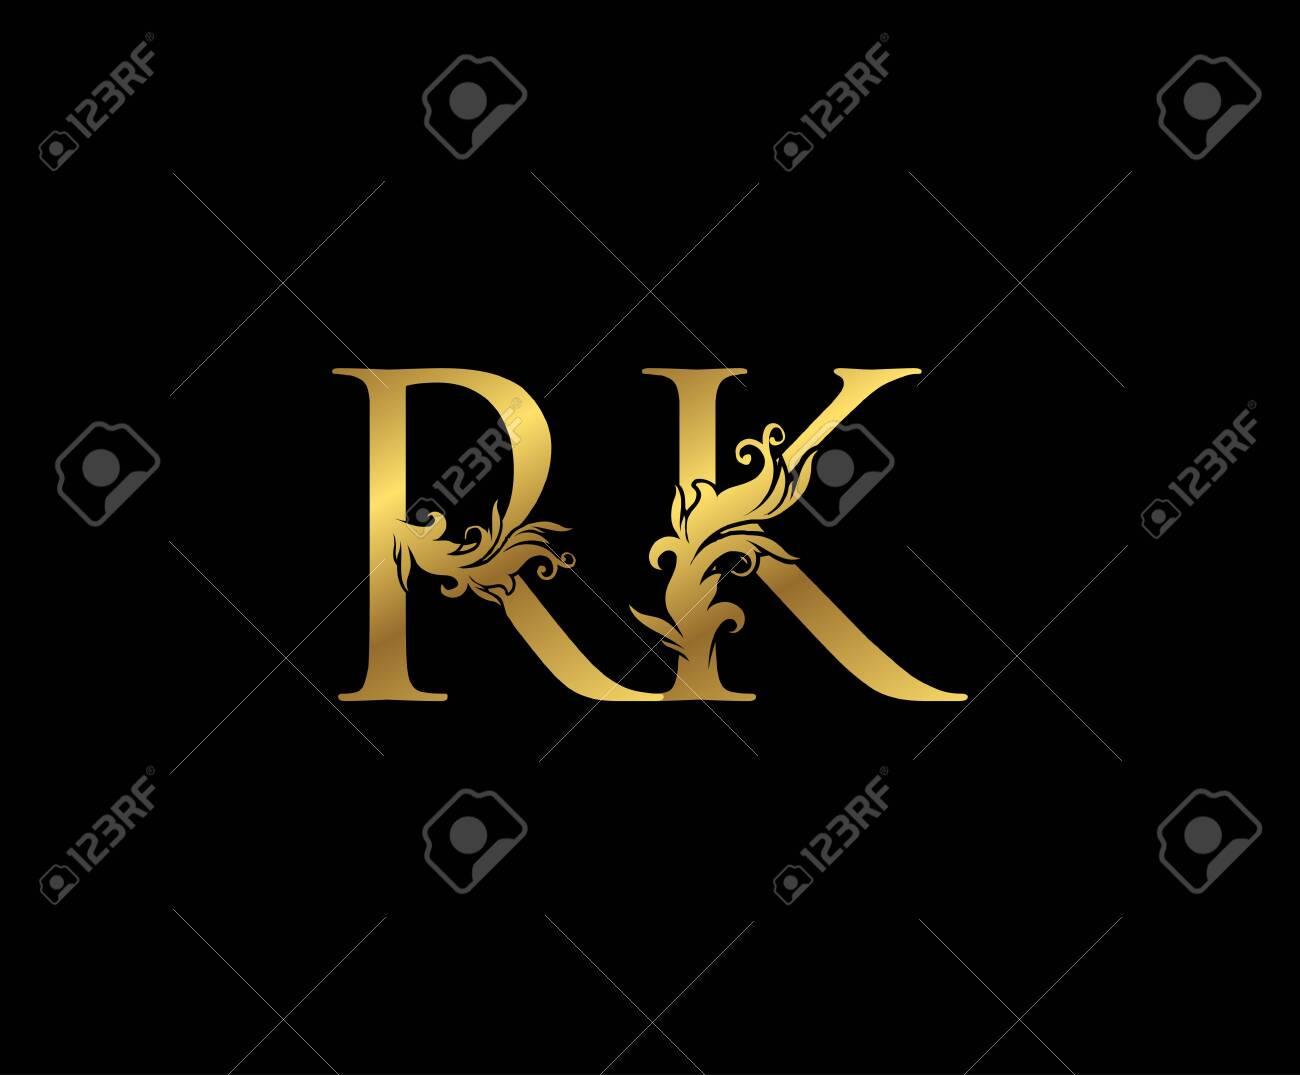 Vintage Gold R, K and RK Letter Floral logo. Classy drawn emblem for book design, weeding card, brand name, business card, Restaurant, Boutique, Hotel. - 153285502